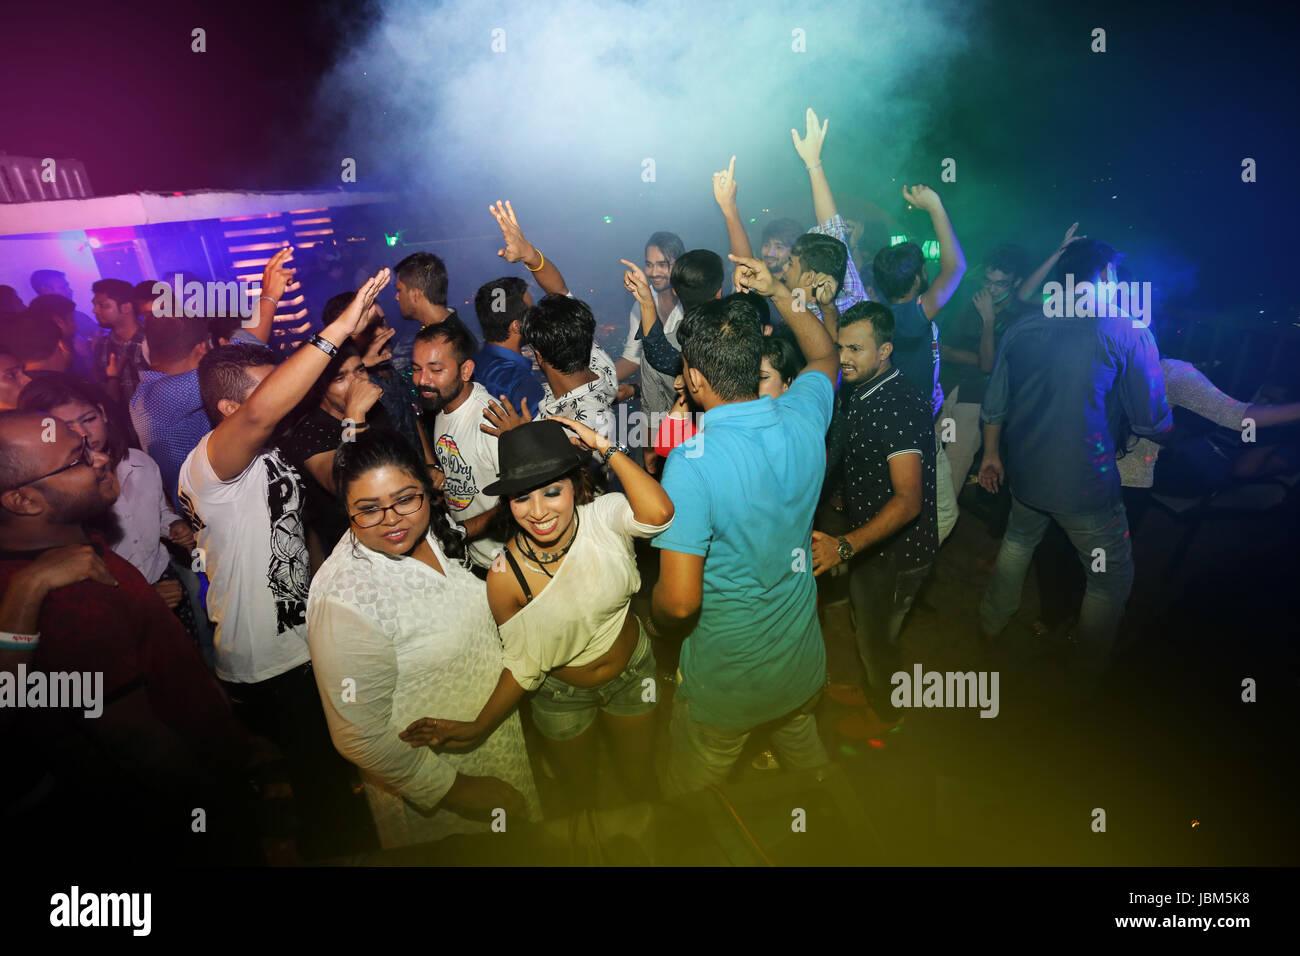 Nightclub in dhaka